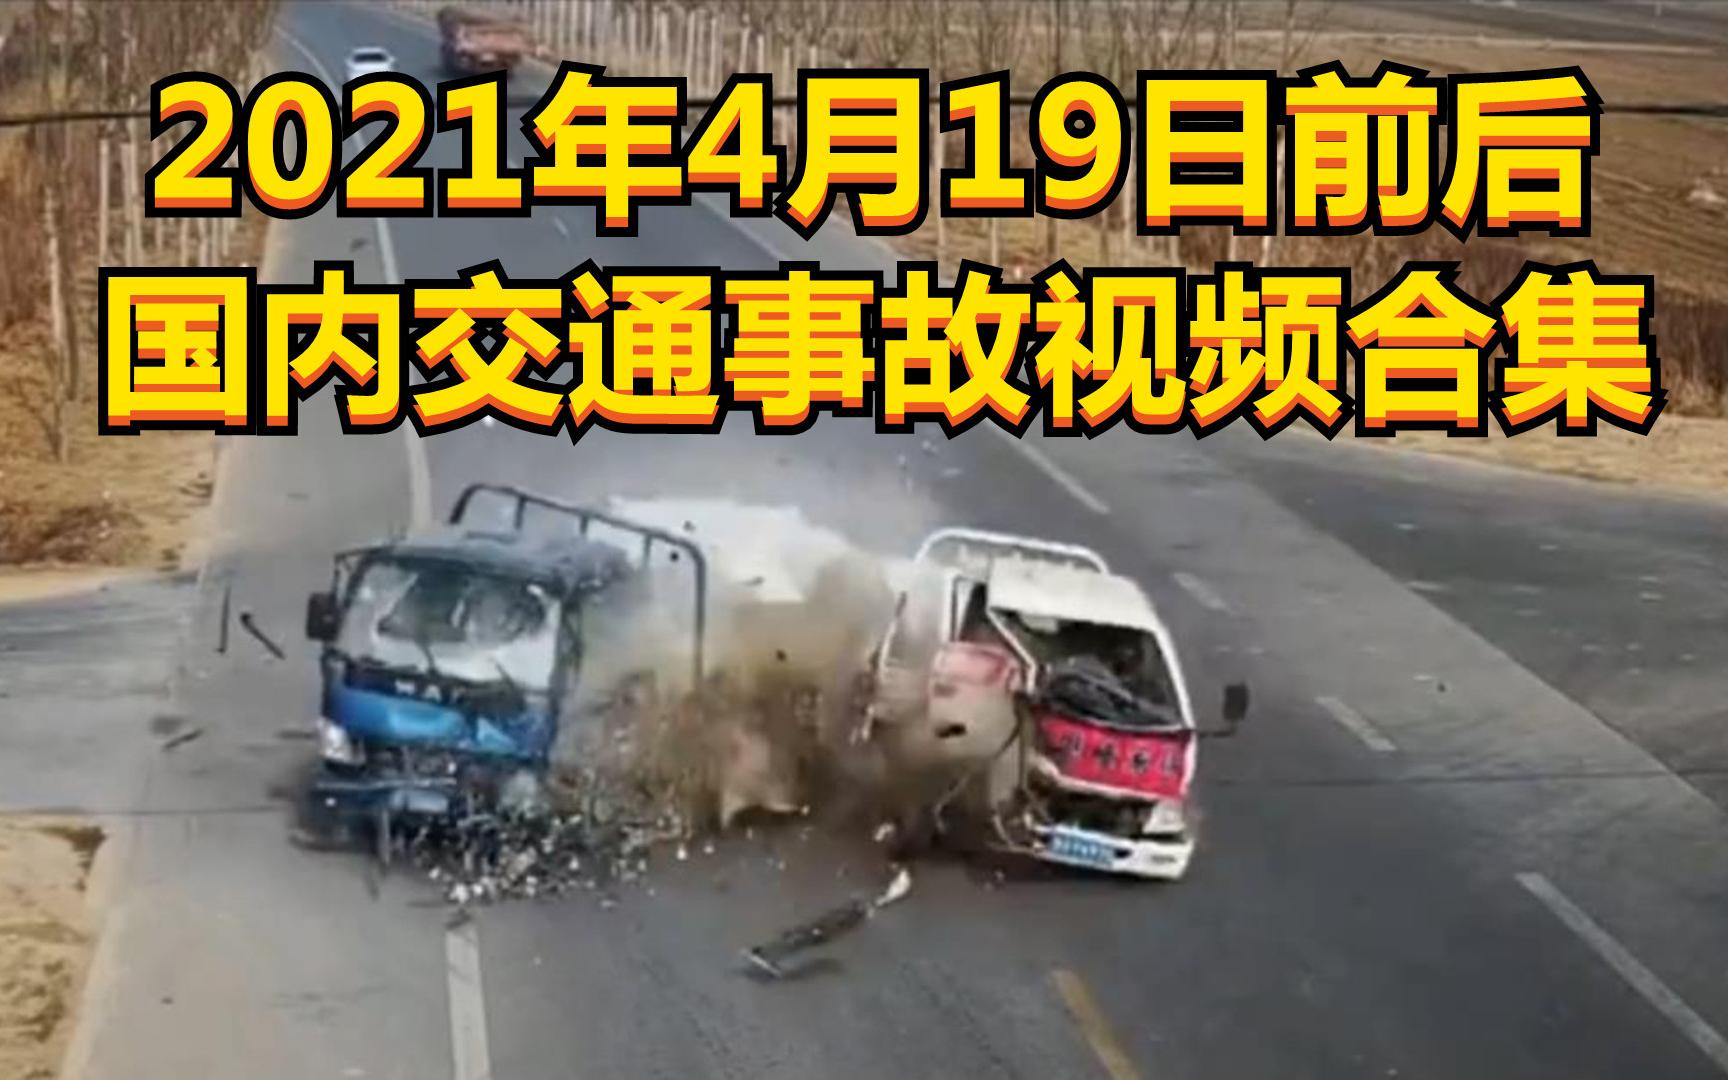 2021年4月19日前后国内交通事故视频合集